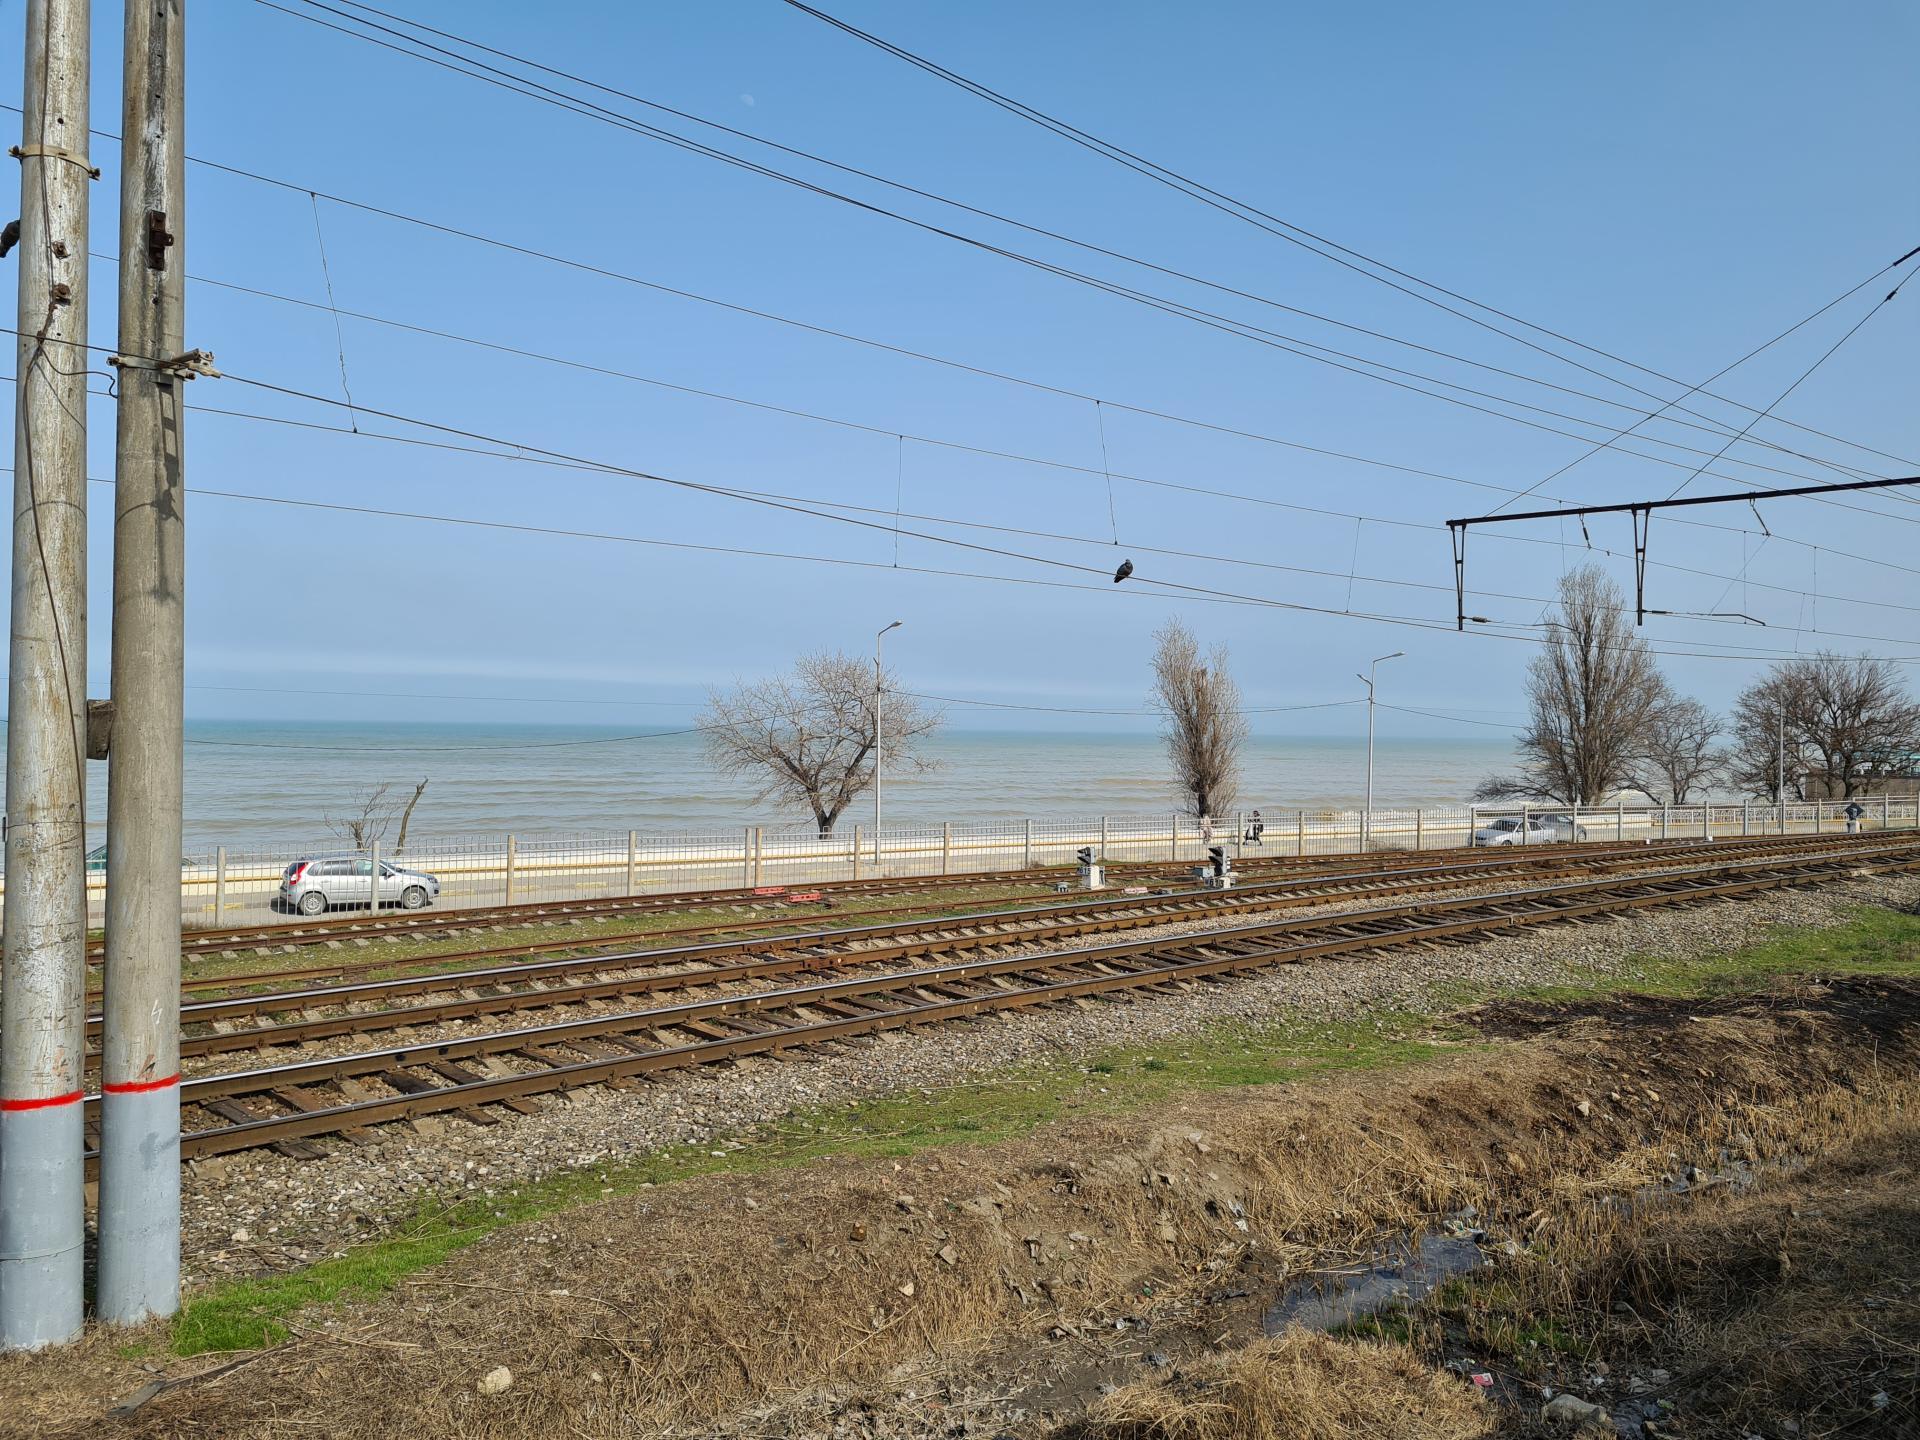 железная дорога рядом с Каспийским морем в Махачкале